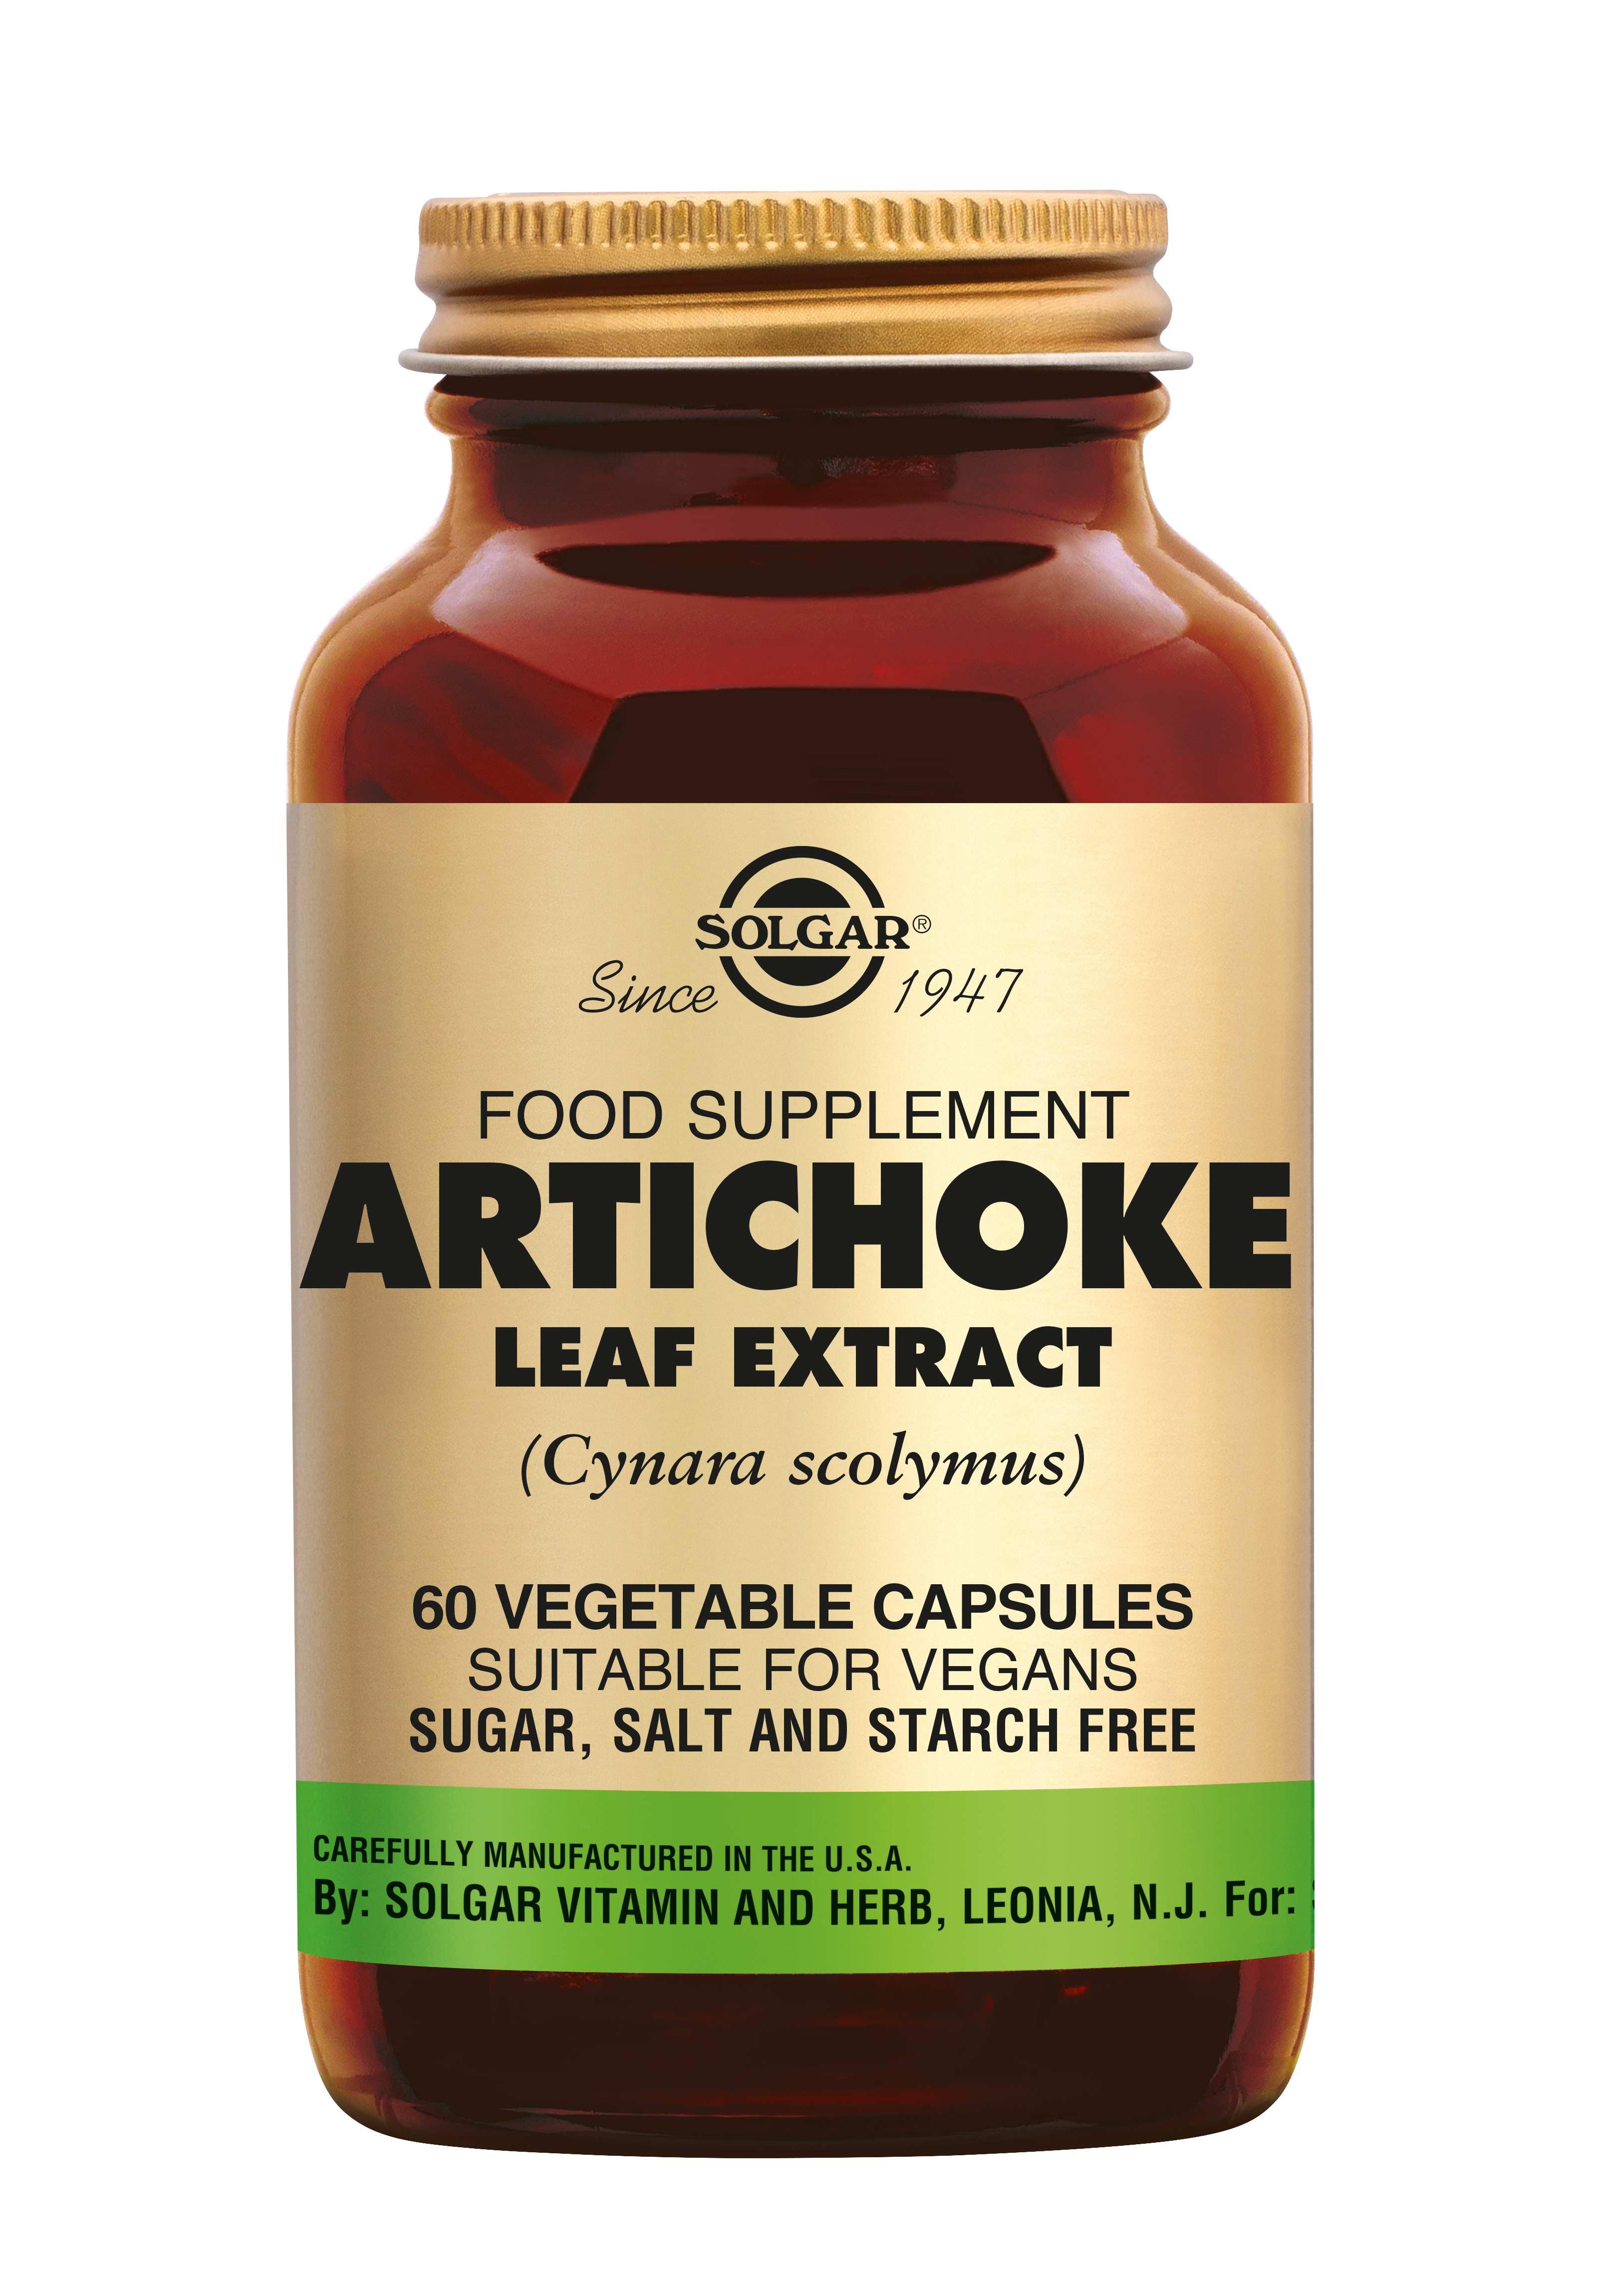 Artichoke Leaf Extract, Solgar, Solgar Artichoke Leaf Extract ondersteunt de werking van lever en gal. Artisjok bevordert de spijsvertering, werkt als prebioticum (voedingsbodem voor de darmflora) en helpt bij de verlaging van het cholesterol gehalte.